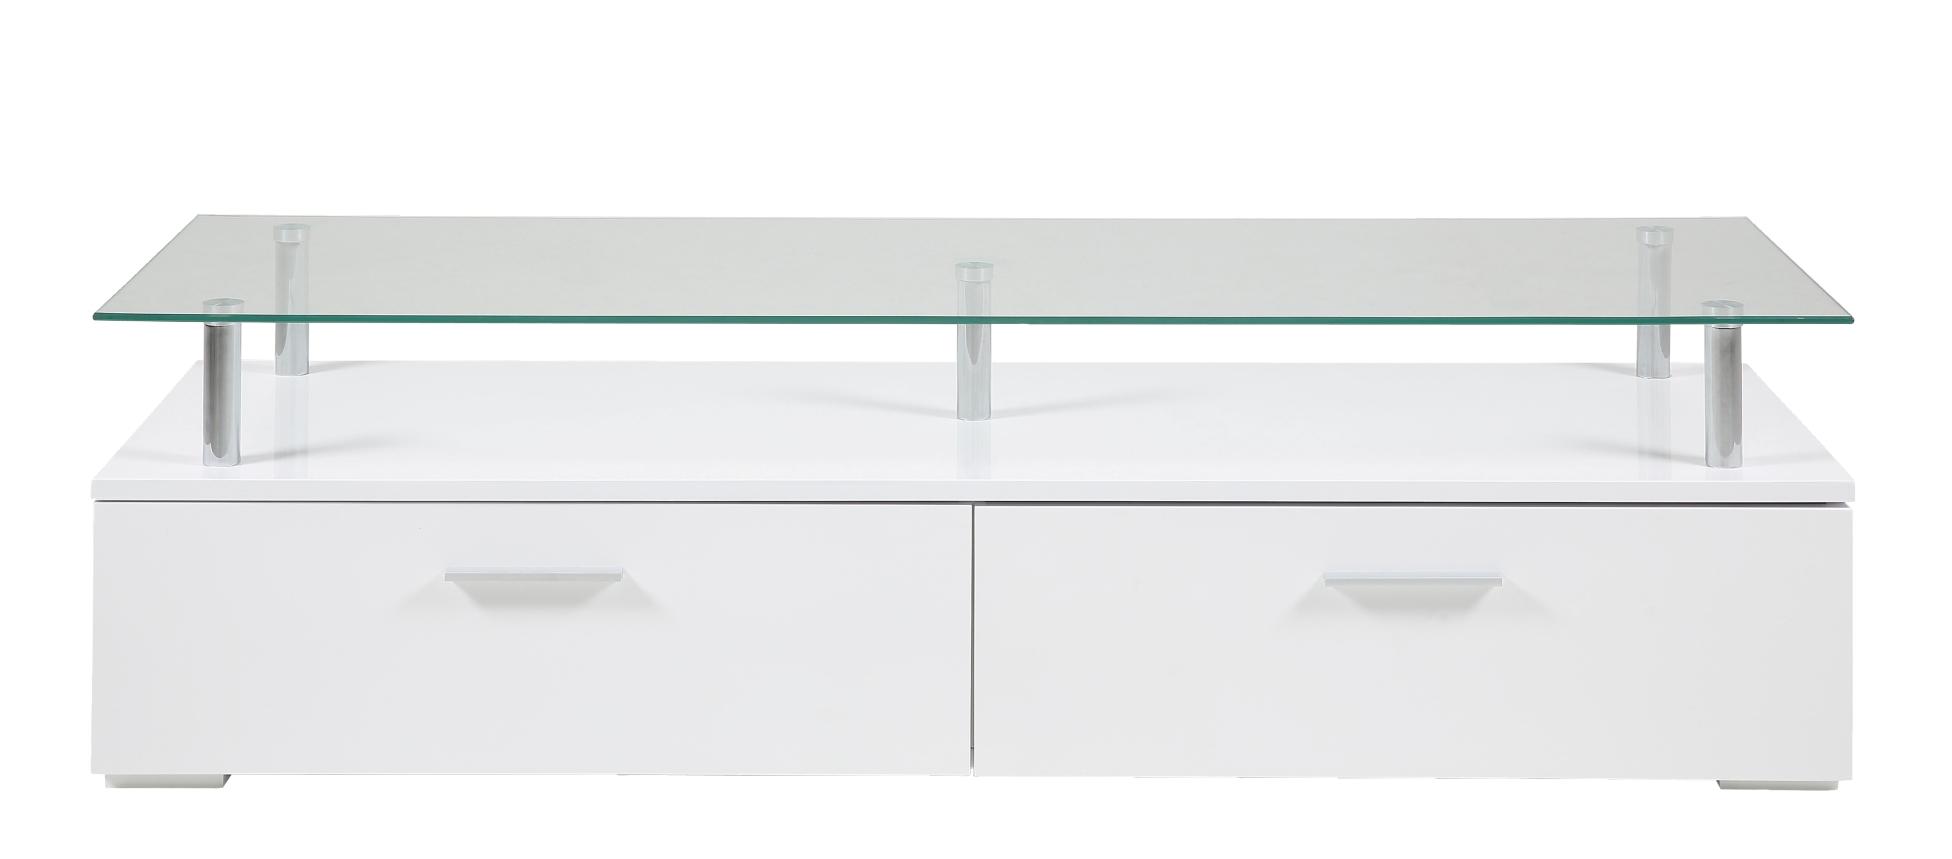 #4B807423525612 Tv Meubel Glas In Meubel Kopen Voor De Beste Prijs Met Koopkeus Be  betrouwbaar Design Glazen Tv Meubels 1147 afbeelding opslaan 19528591147 Idee